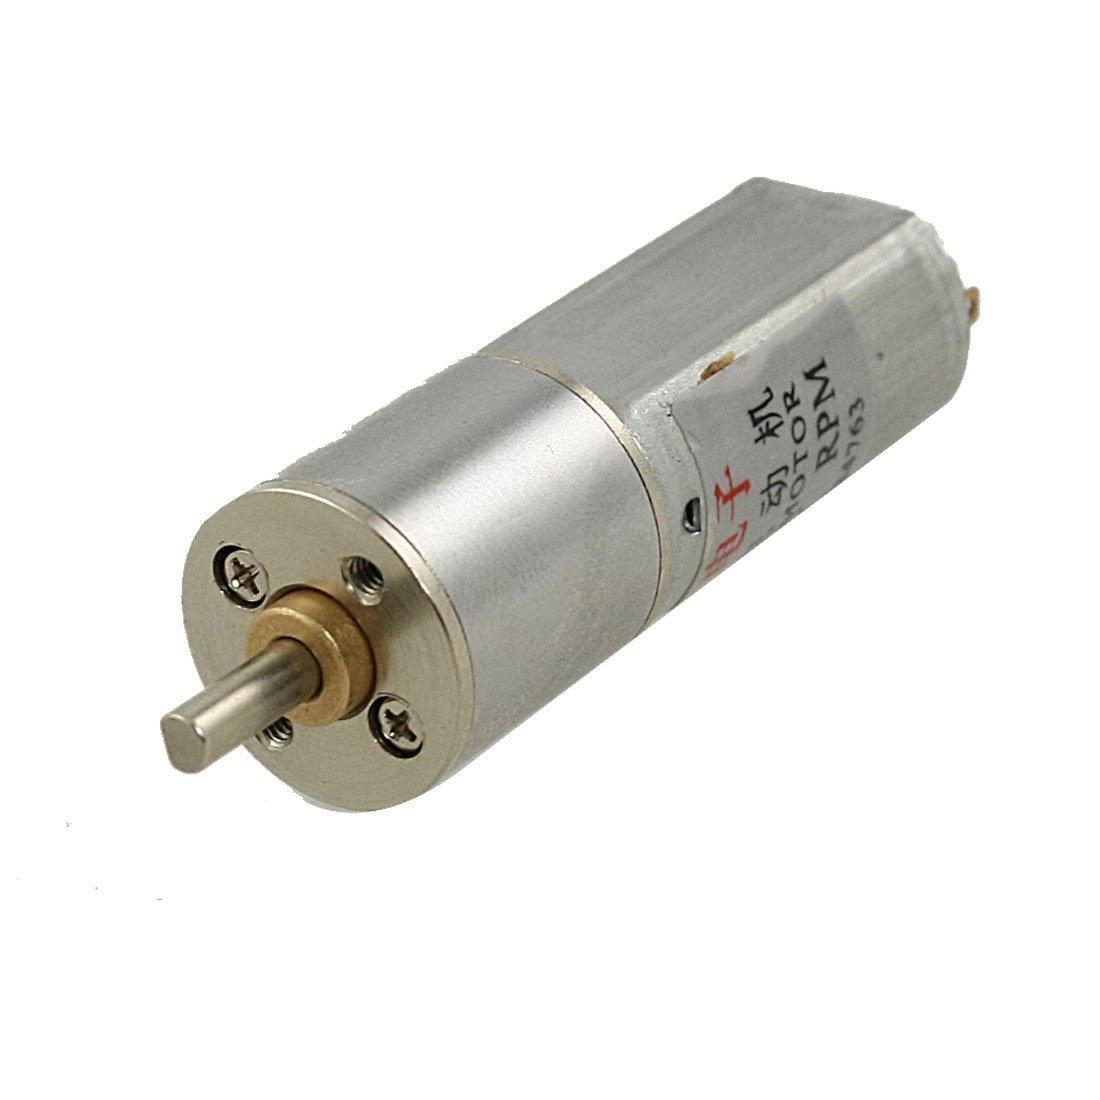 8RPM 6V 0.45A High Torque Mini Electric DC Geared Motor